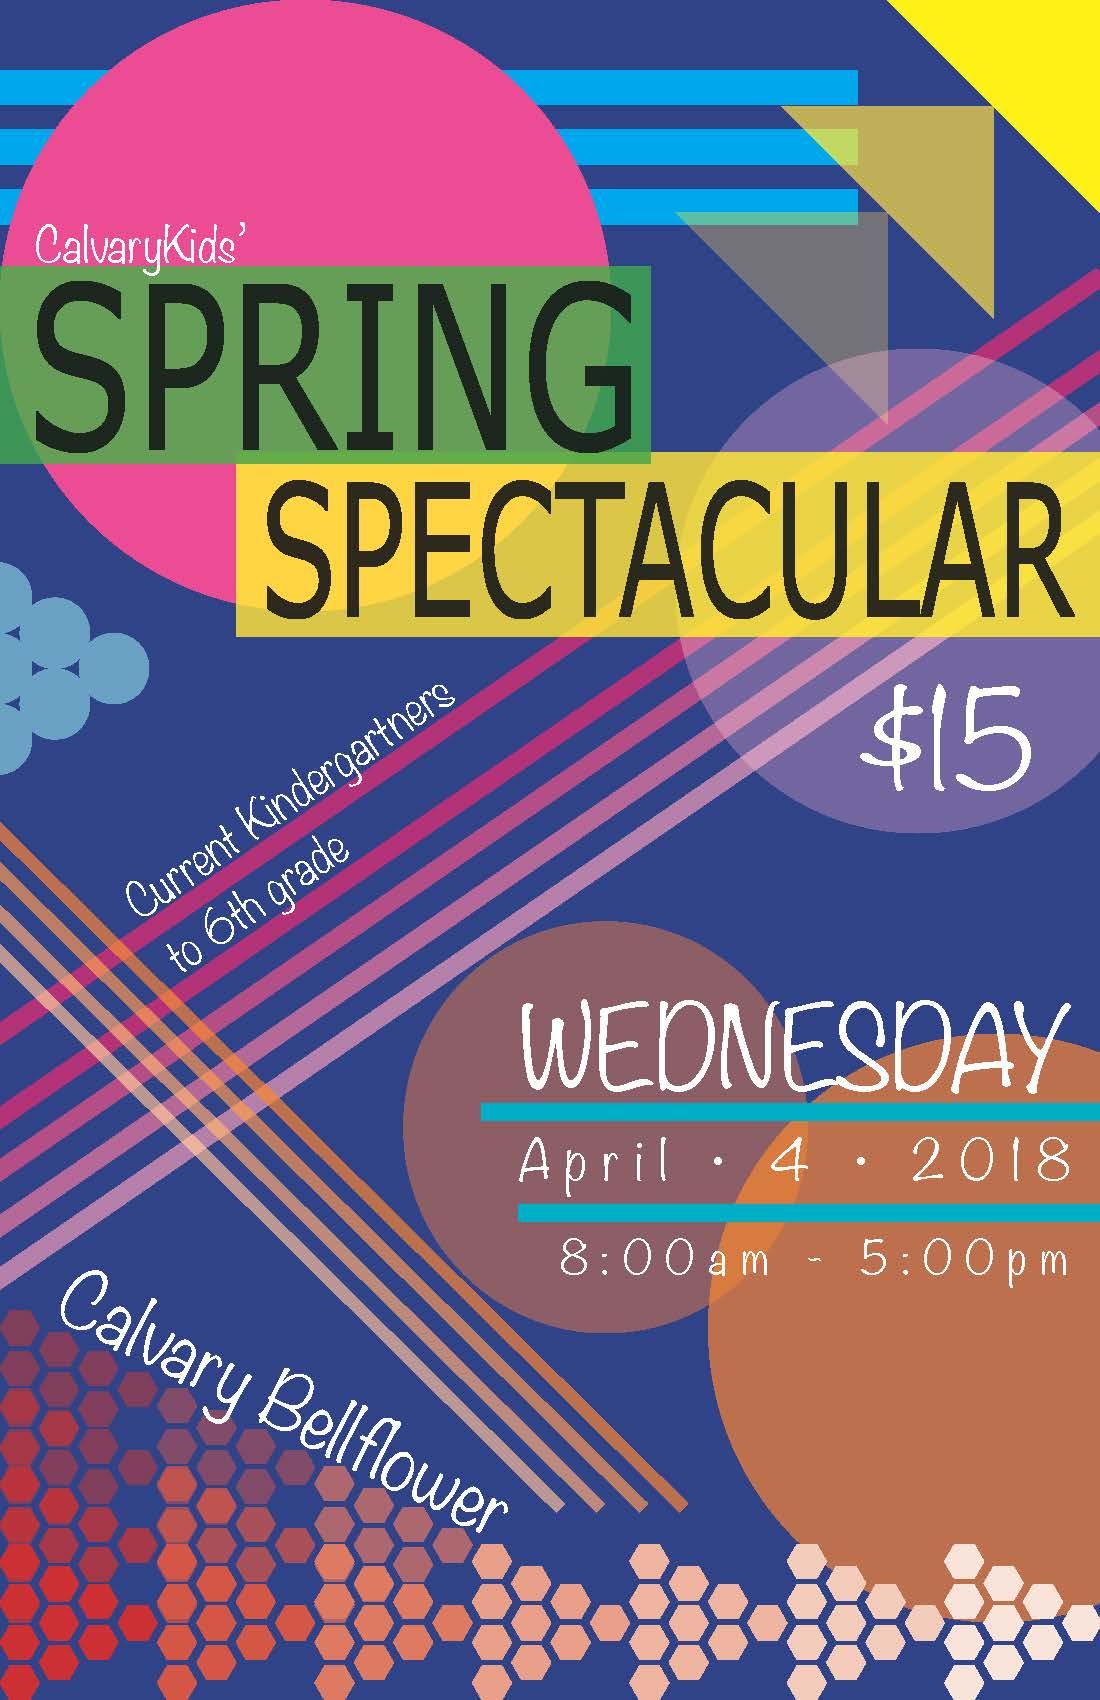 Spring spectacular flyer 2018 2